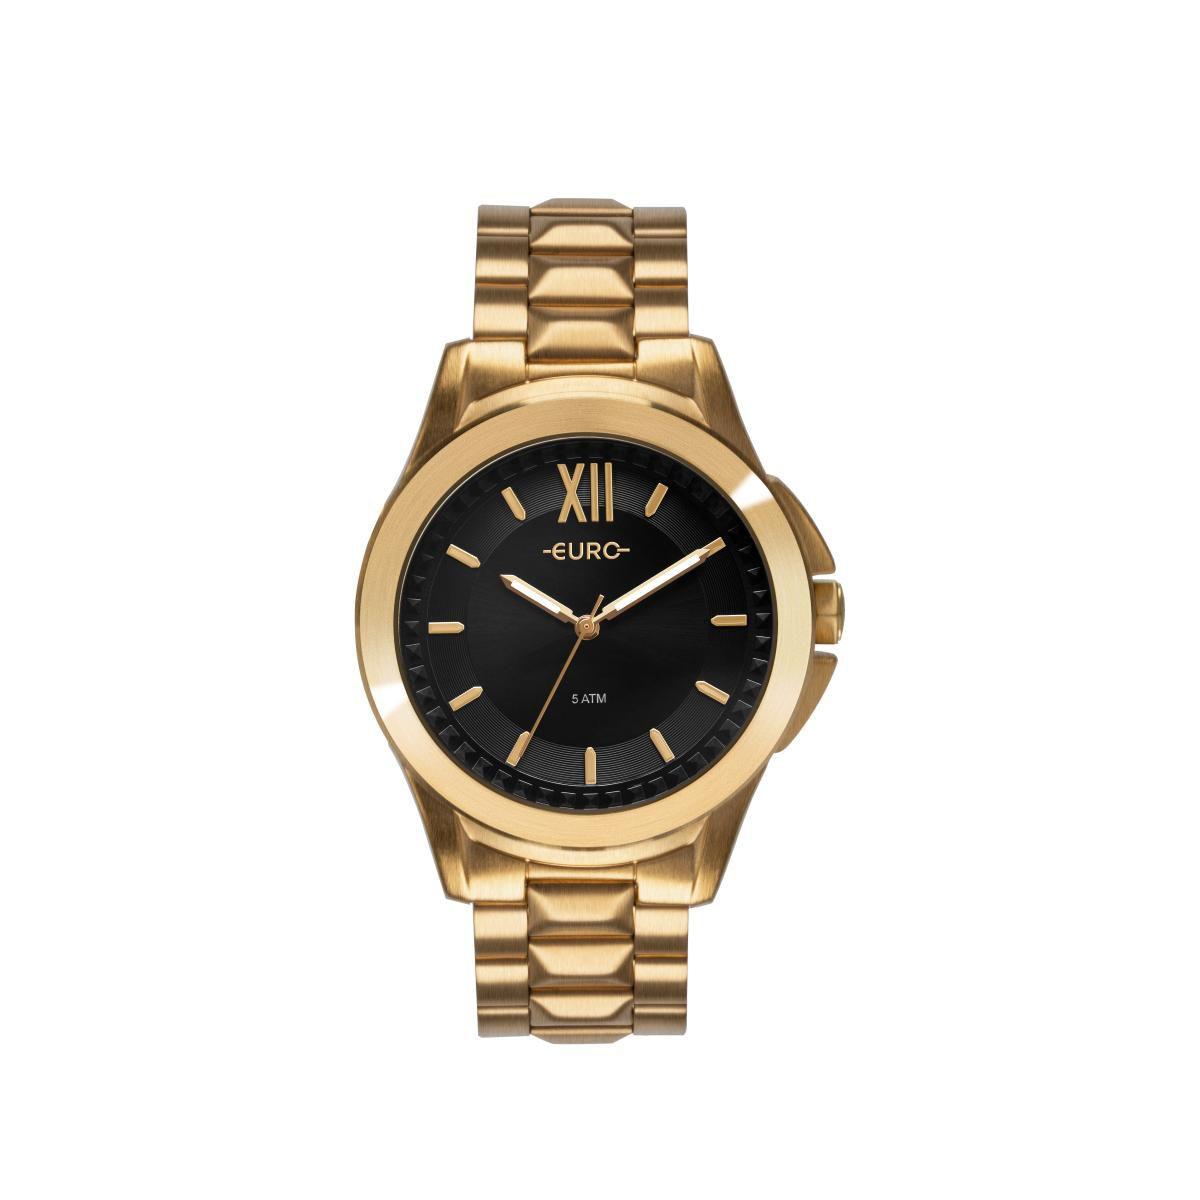 Relógio Feminino Euro Spike Fever Power EU2036YMV/4P 42mm Aço Dourado